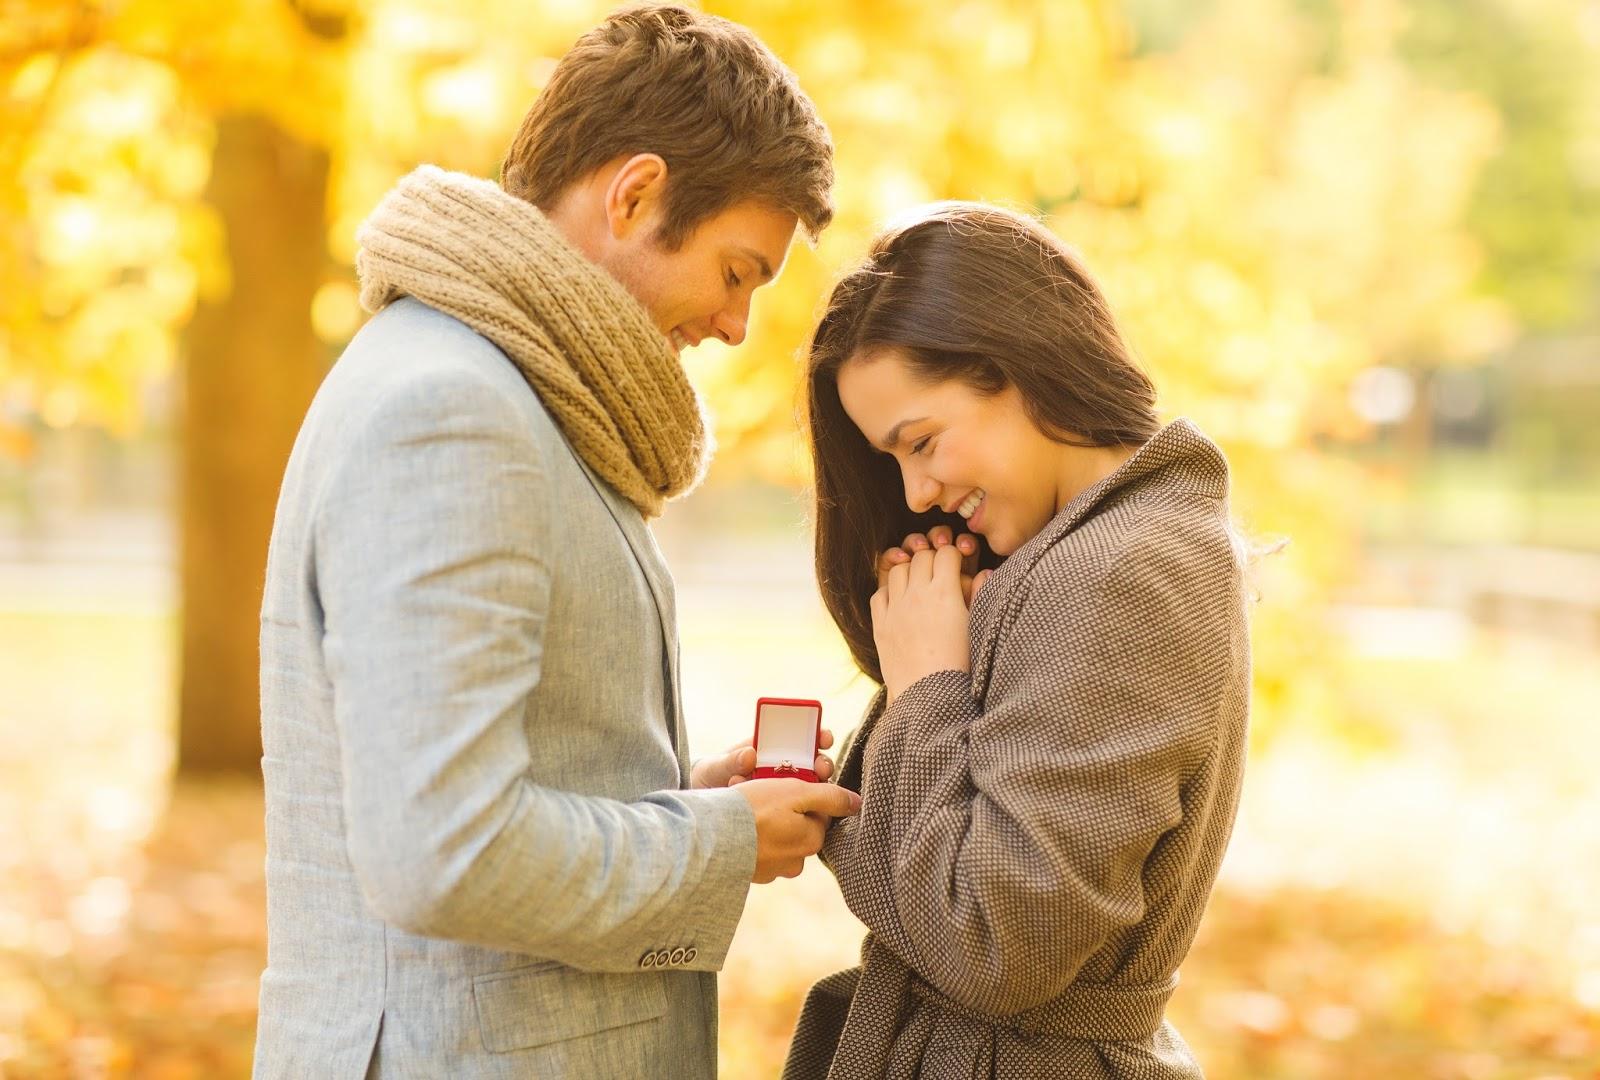 صورة اجمل صور رمنسيه , رومنسيات جميله مع صور